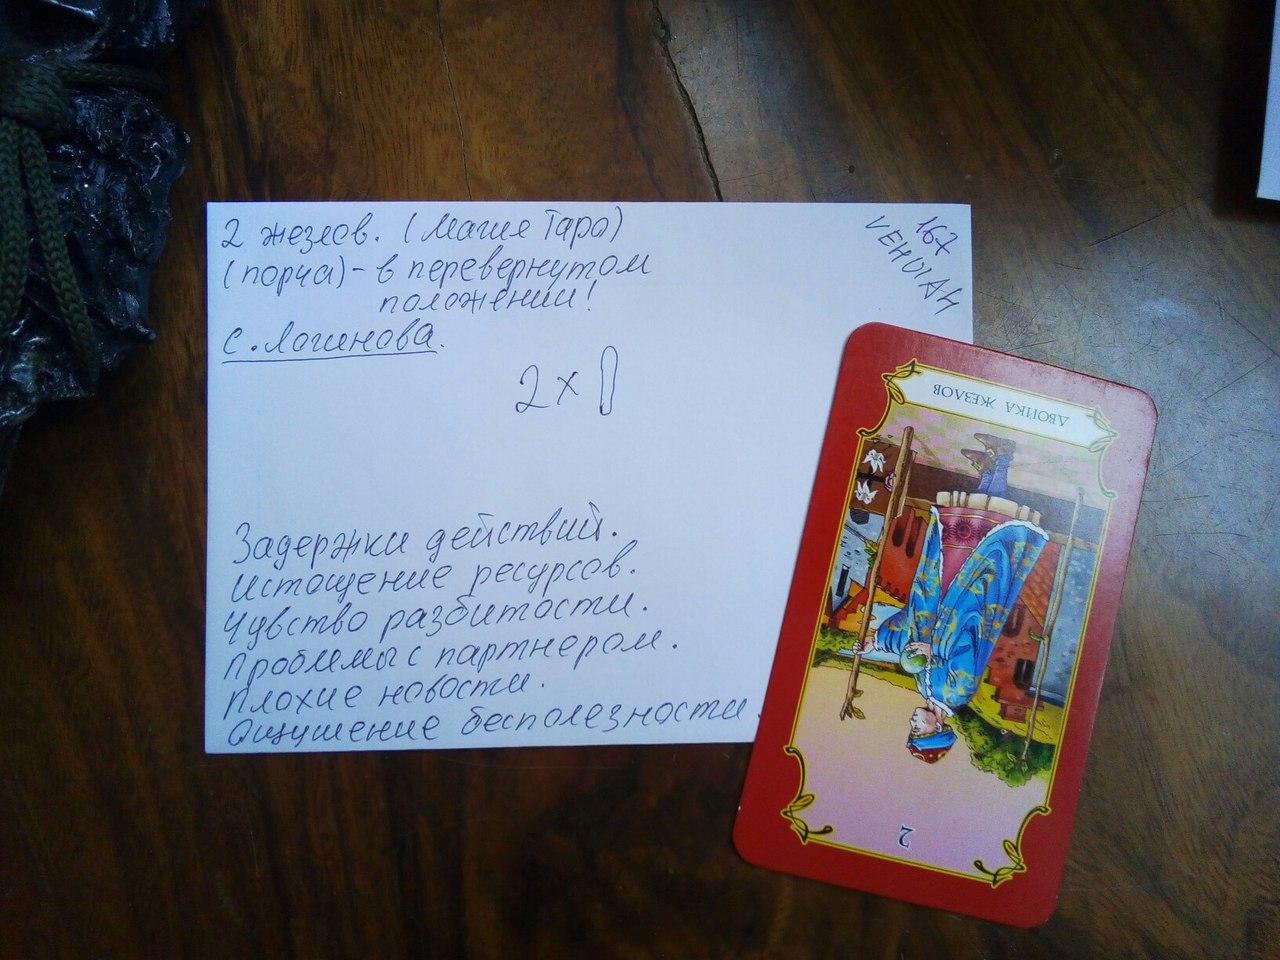 Хештег став на   Салон Магии и Мистики Елены Руденко. Киев ,тел: +380506251562 L6XHfv1tats